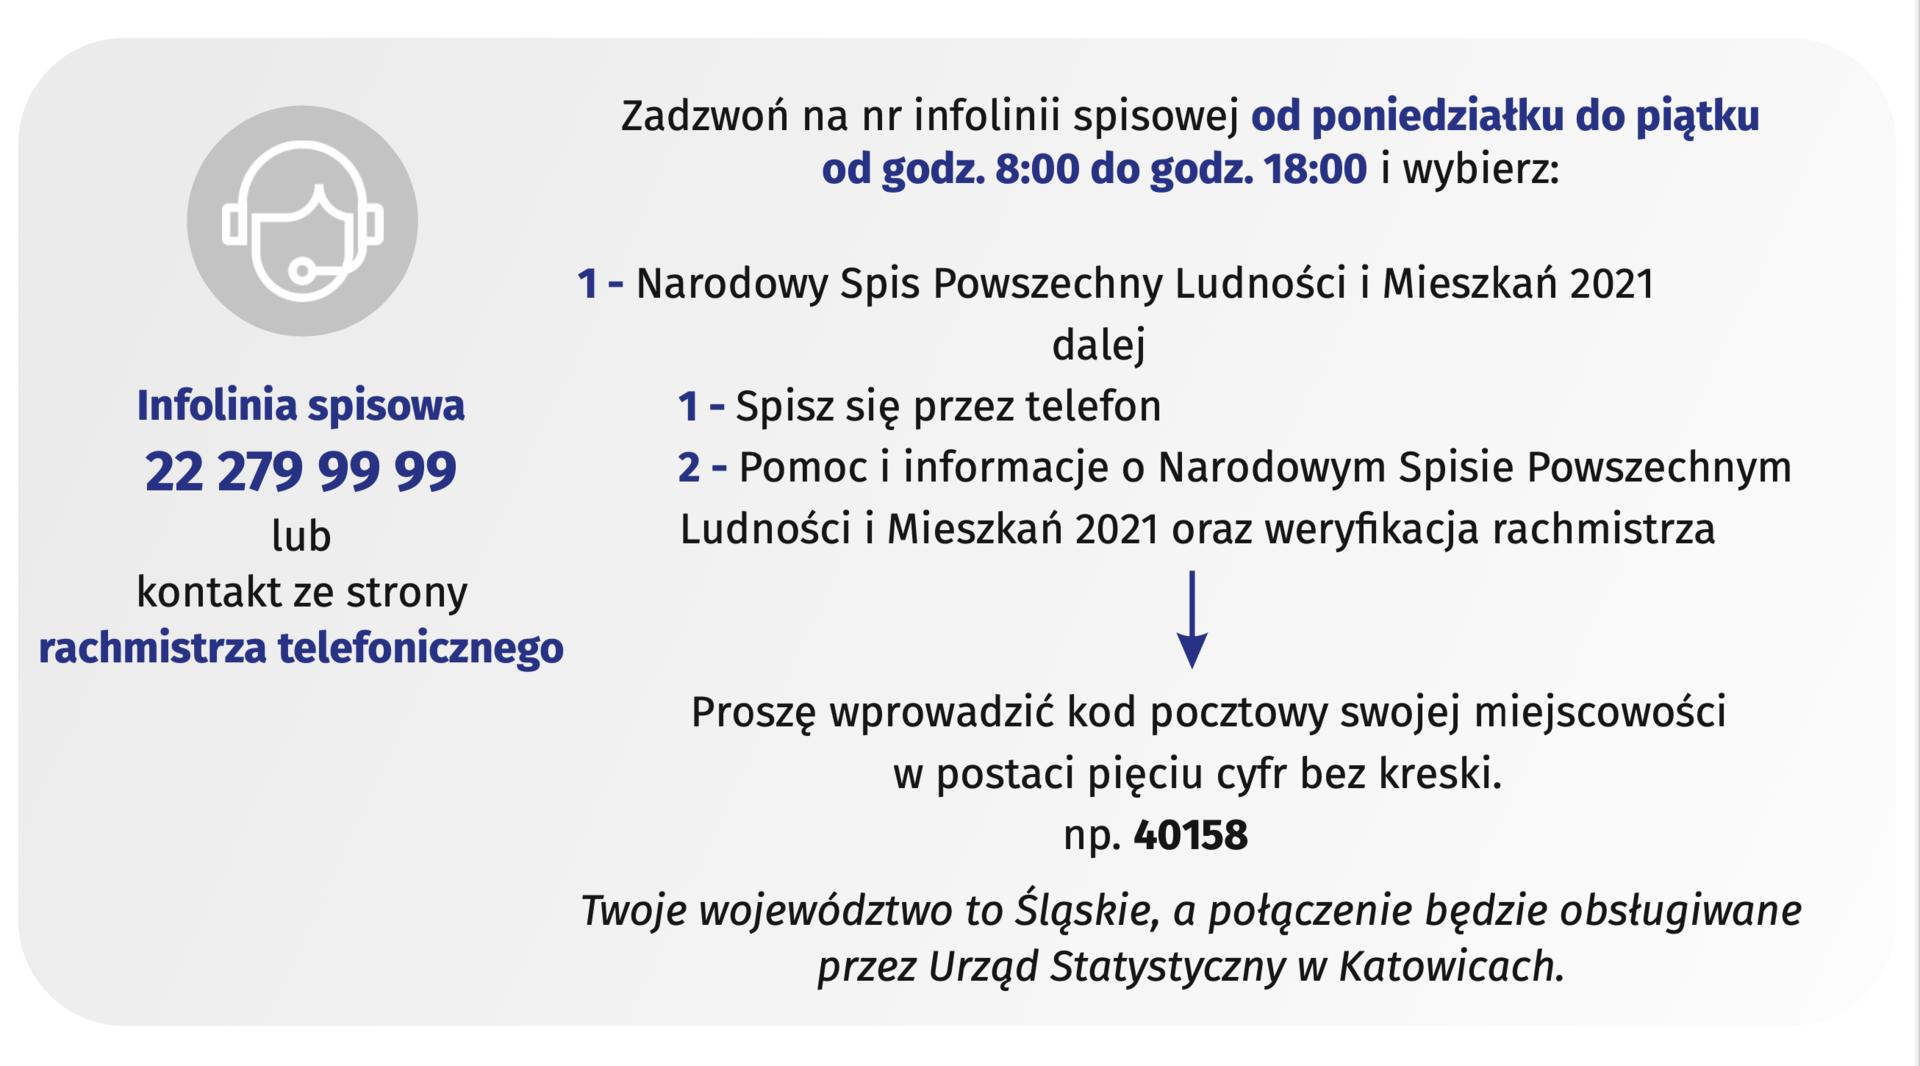 Narodowy Spis Powszechny_003.png